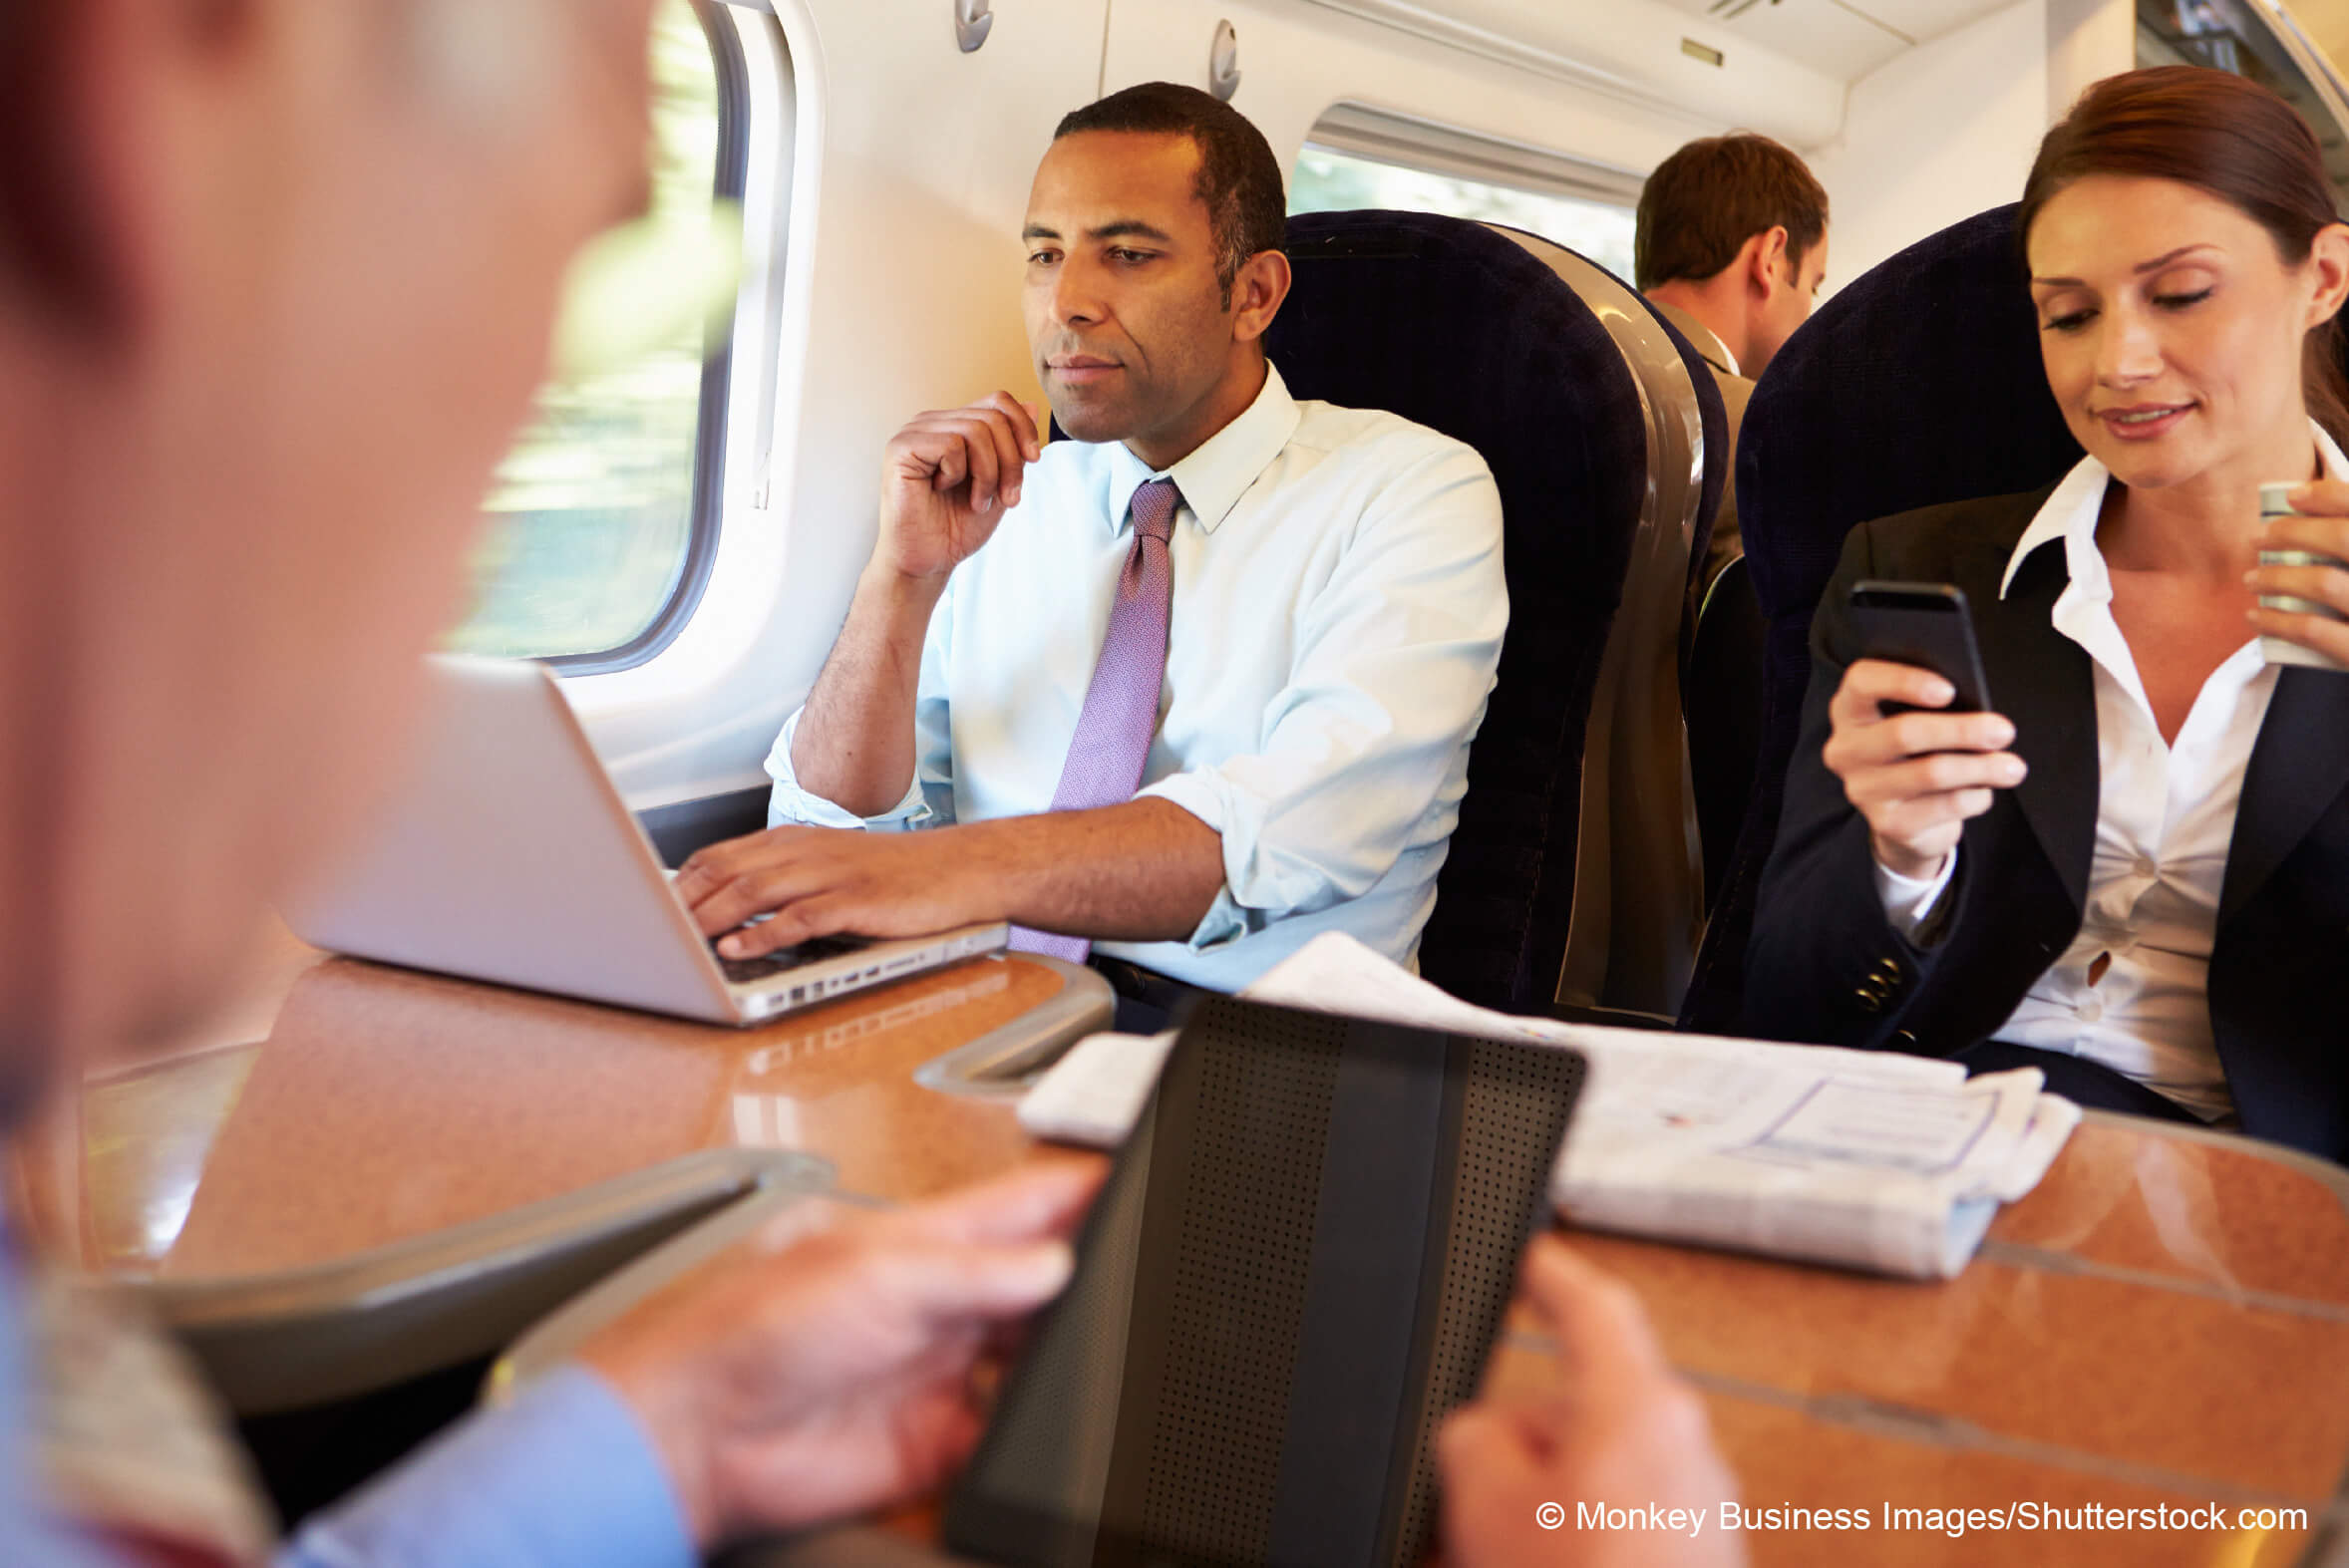 Welche Risiken birgt mobiles Arbeiten?